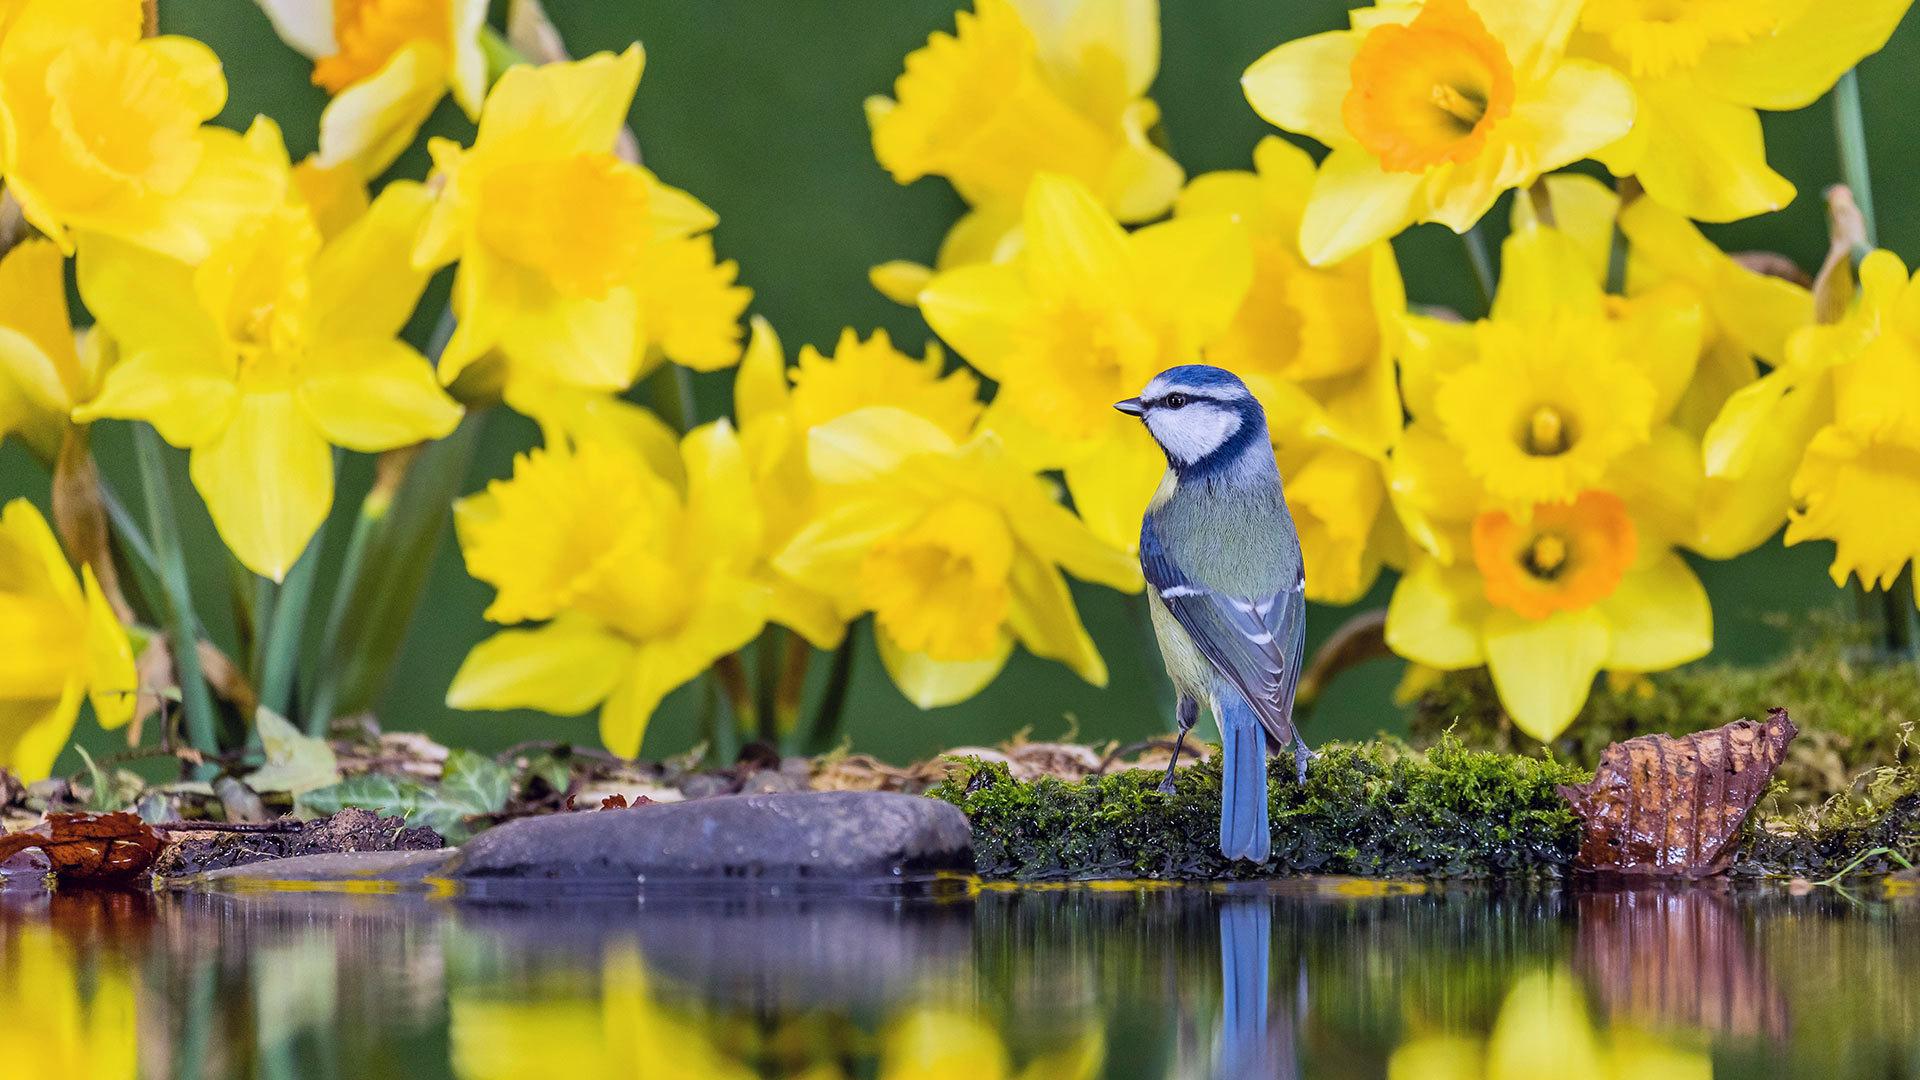 威尔士中部水仙花中的蓝山雀 蓝山雀